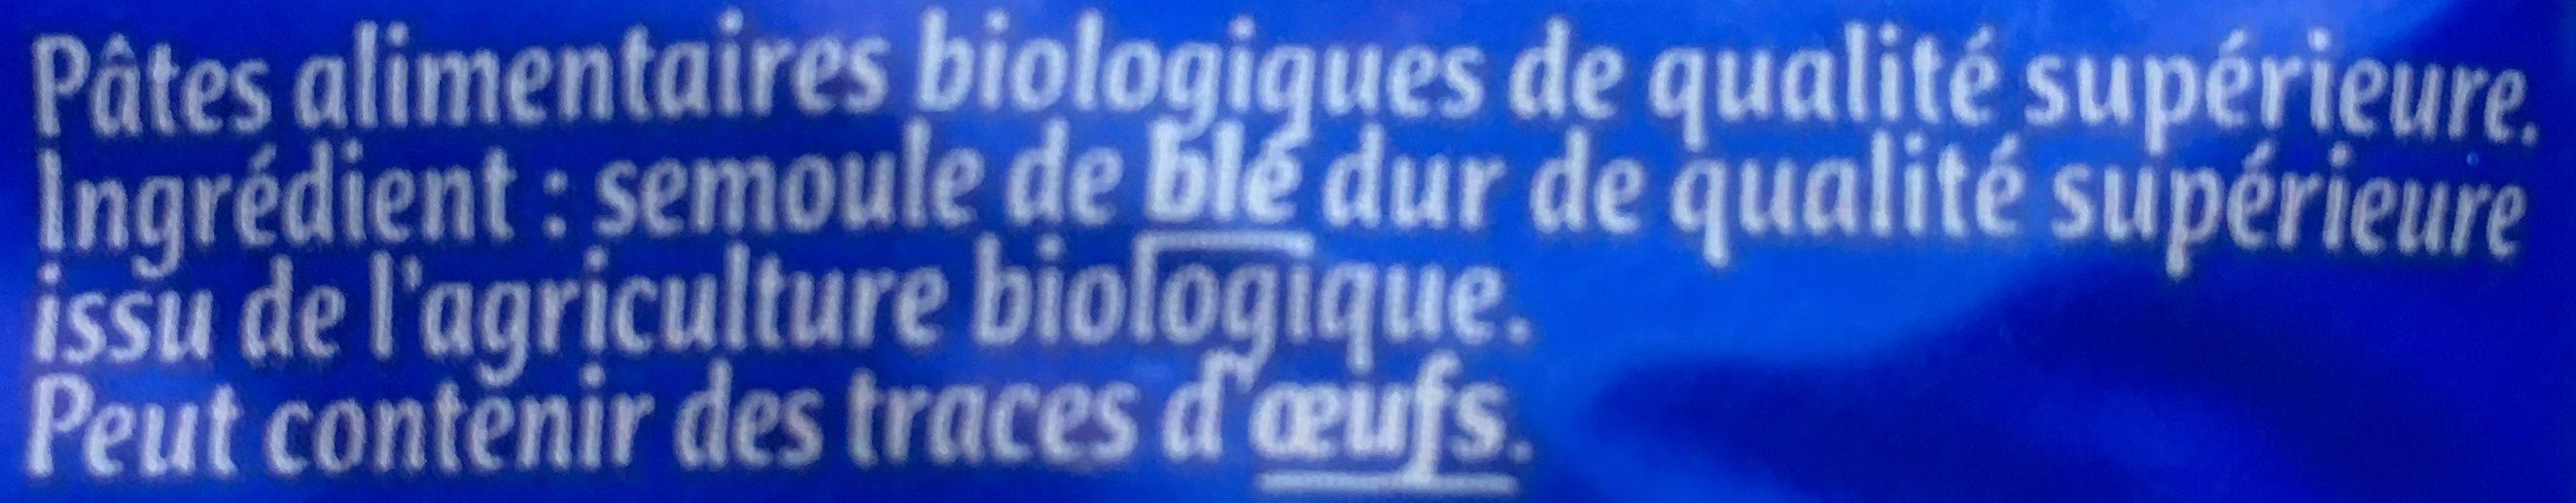 Coquillettes Bio - Etui 500G - Ingrédients - fr